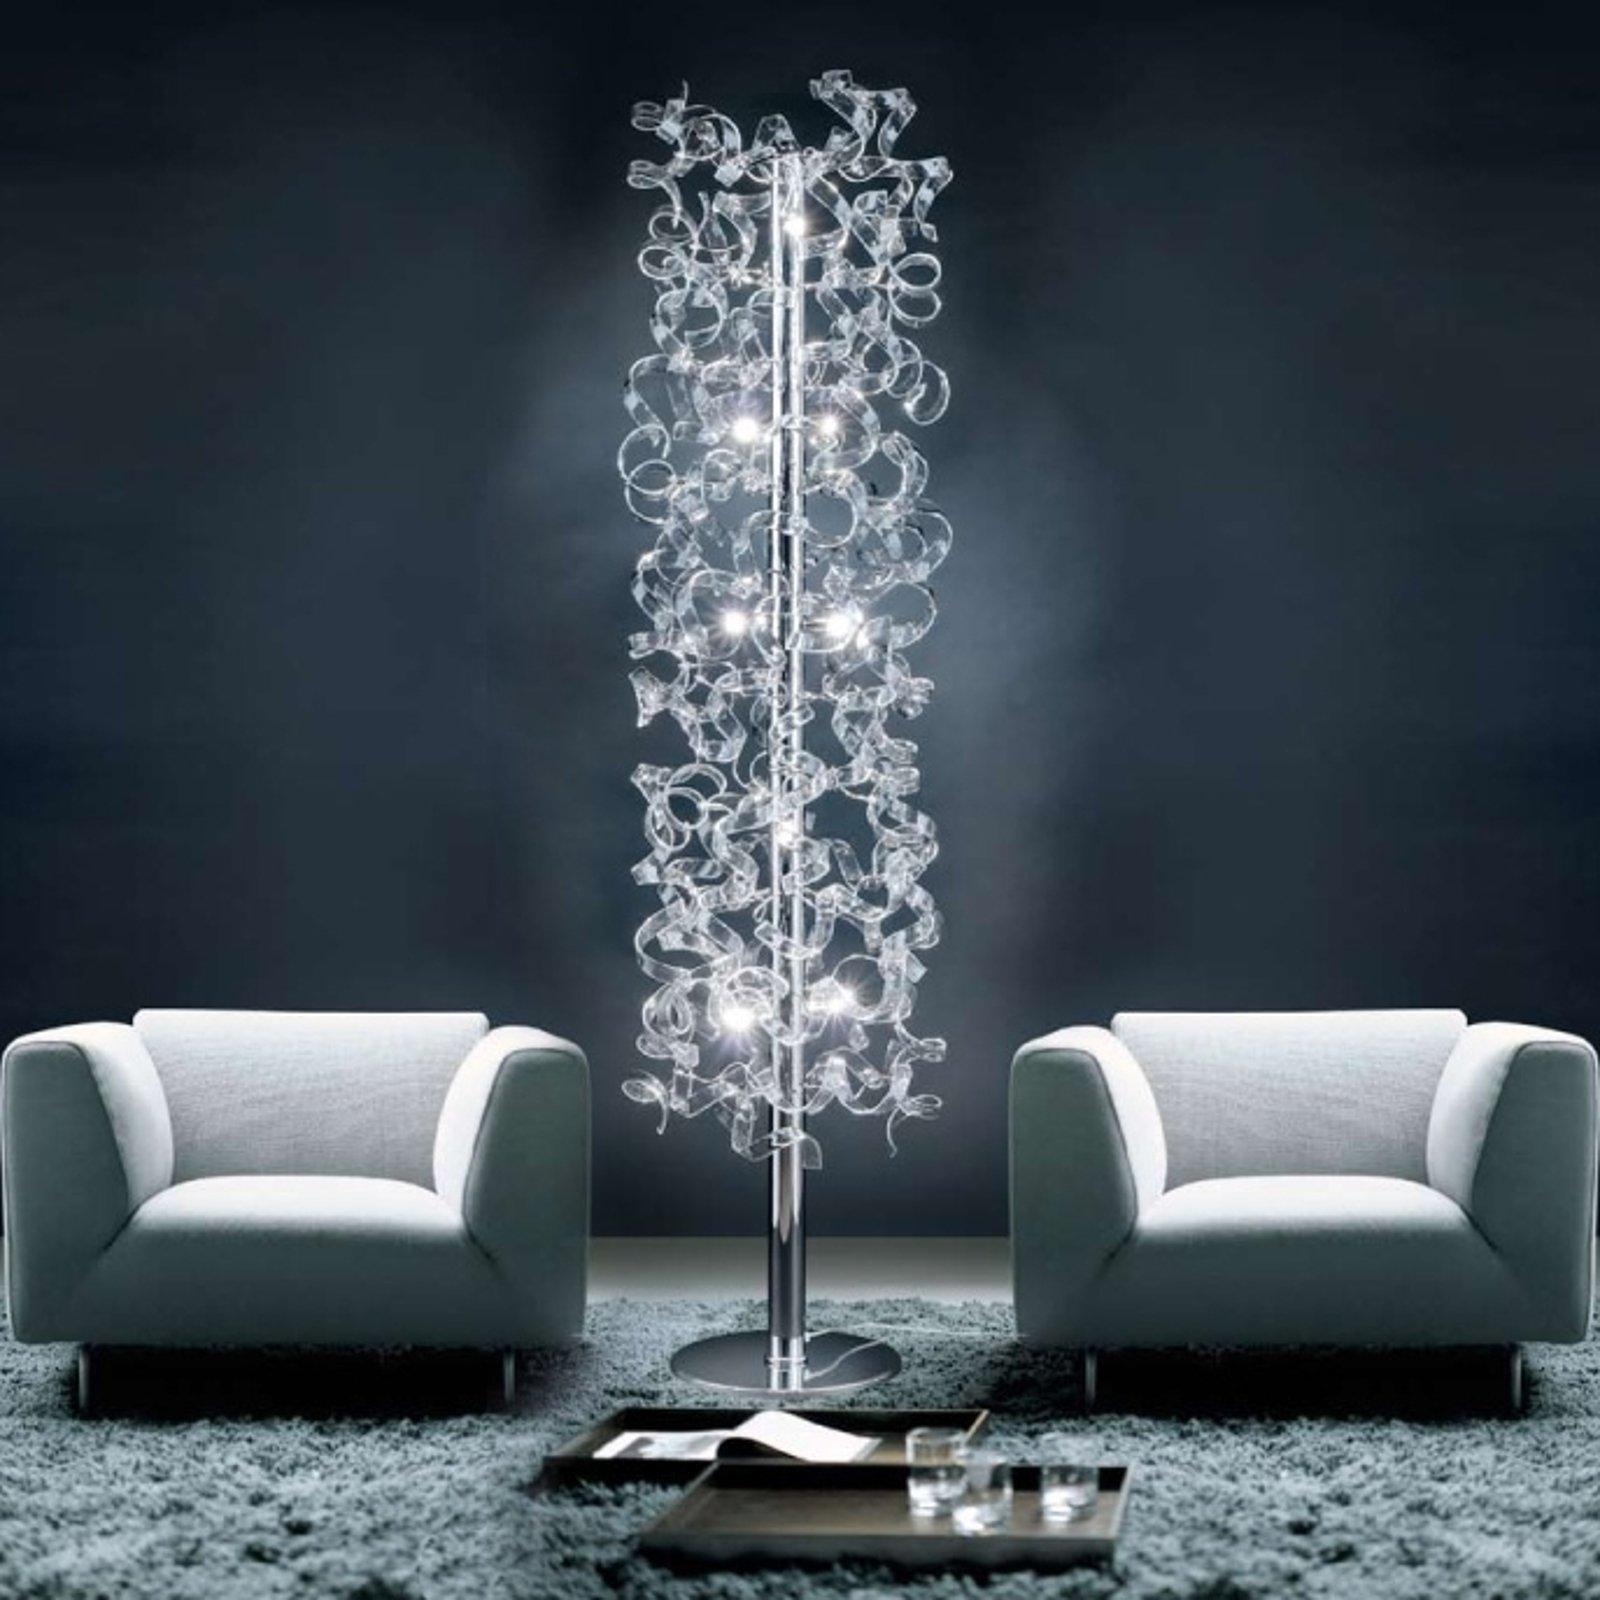 Gulvlampe Crystal med pyntet rør